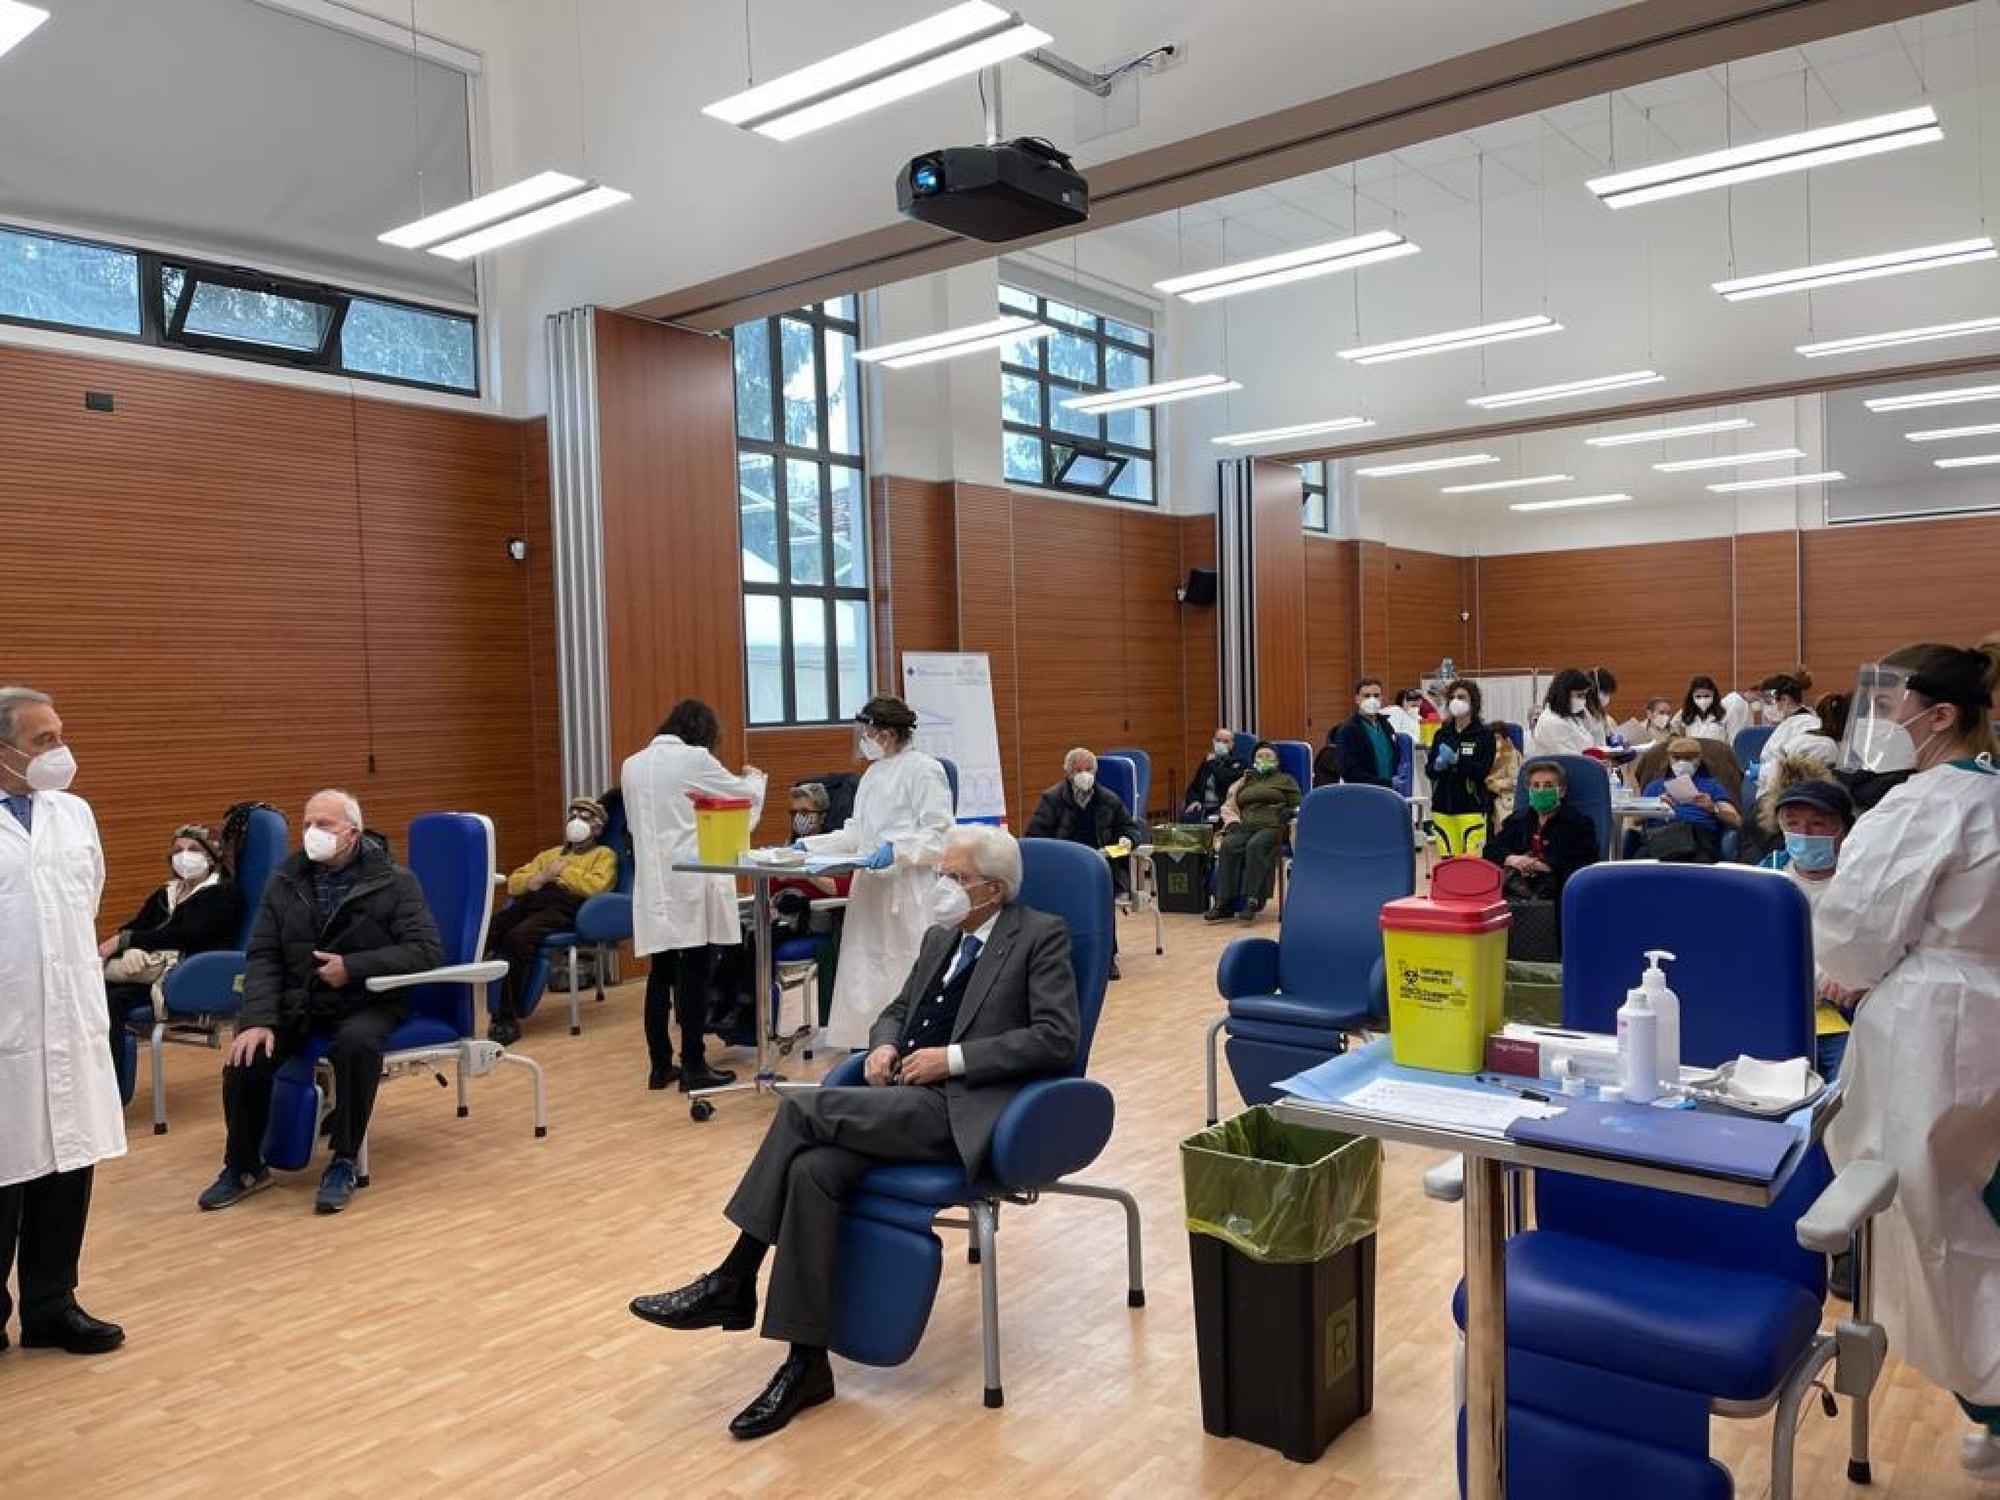 Mattarella vaccinato allo Spallanzani con il vaccino Moderna